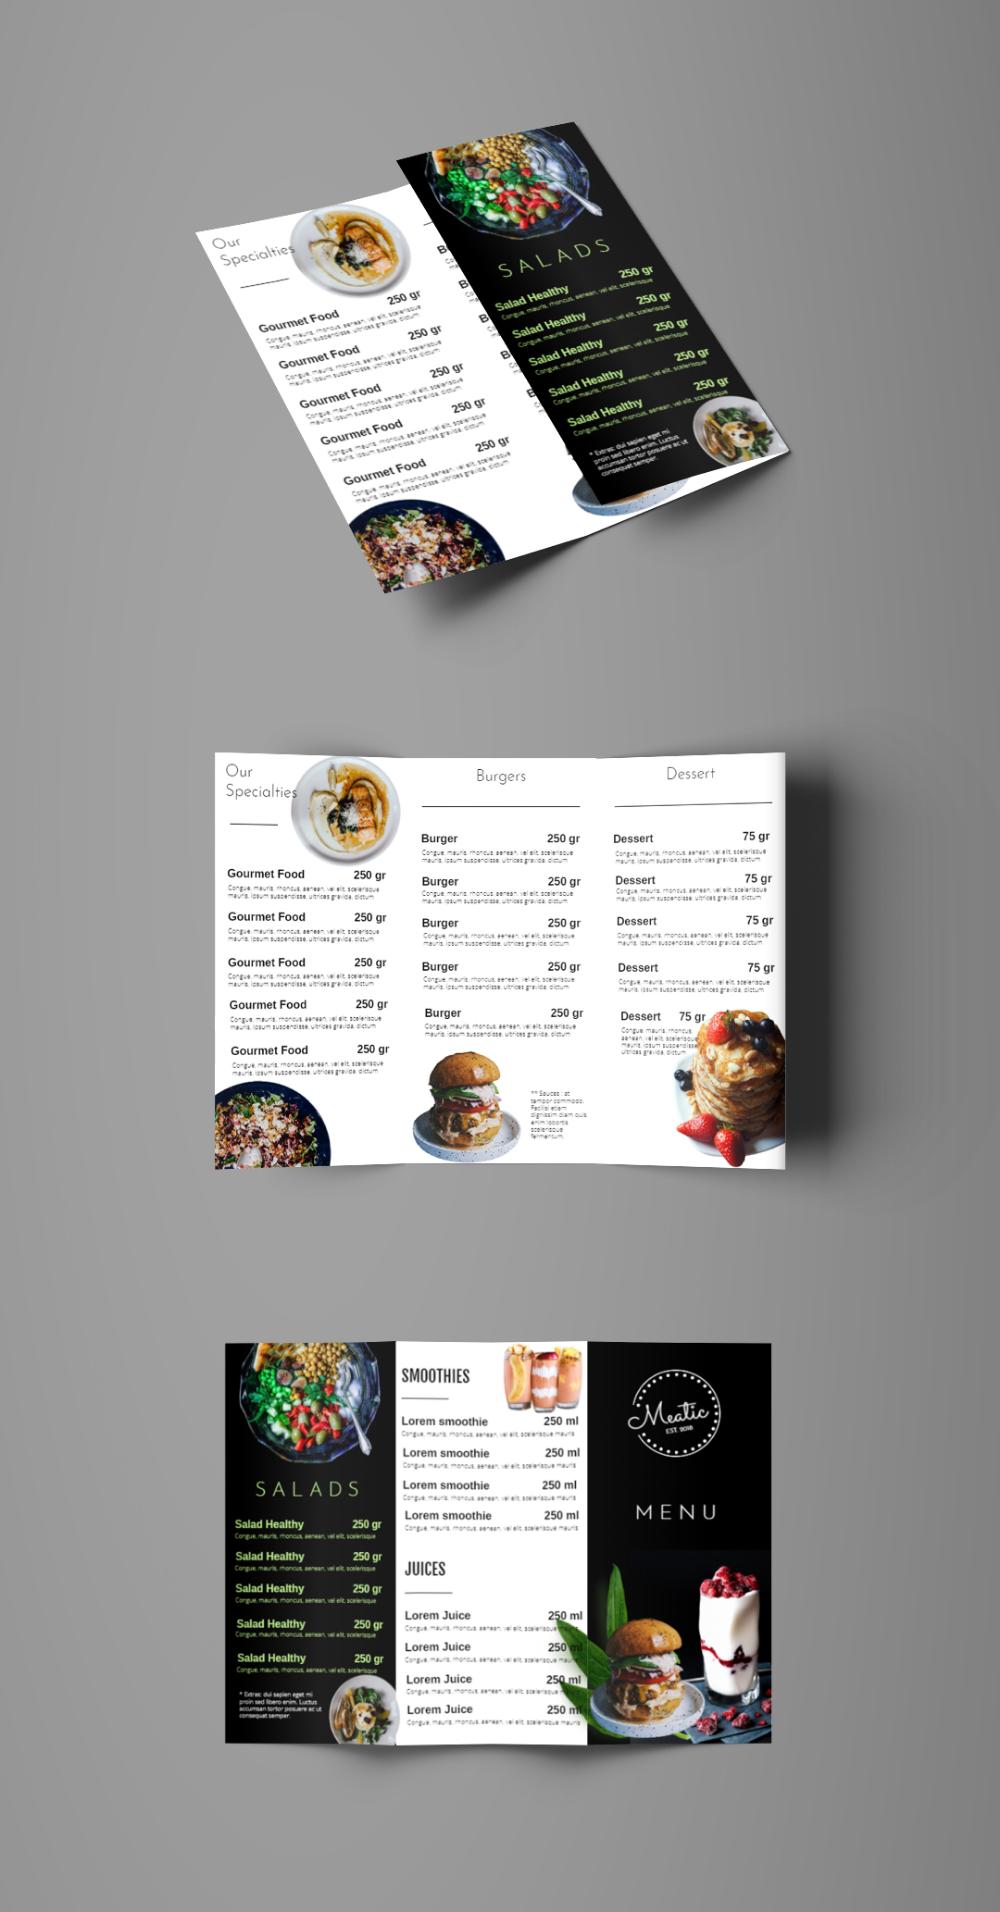 Elegant Take Out Menu Google Search Menu Design Menu Book Menu Design Template